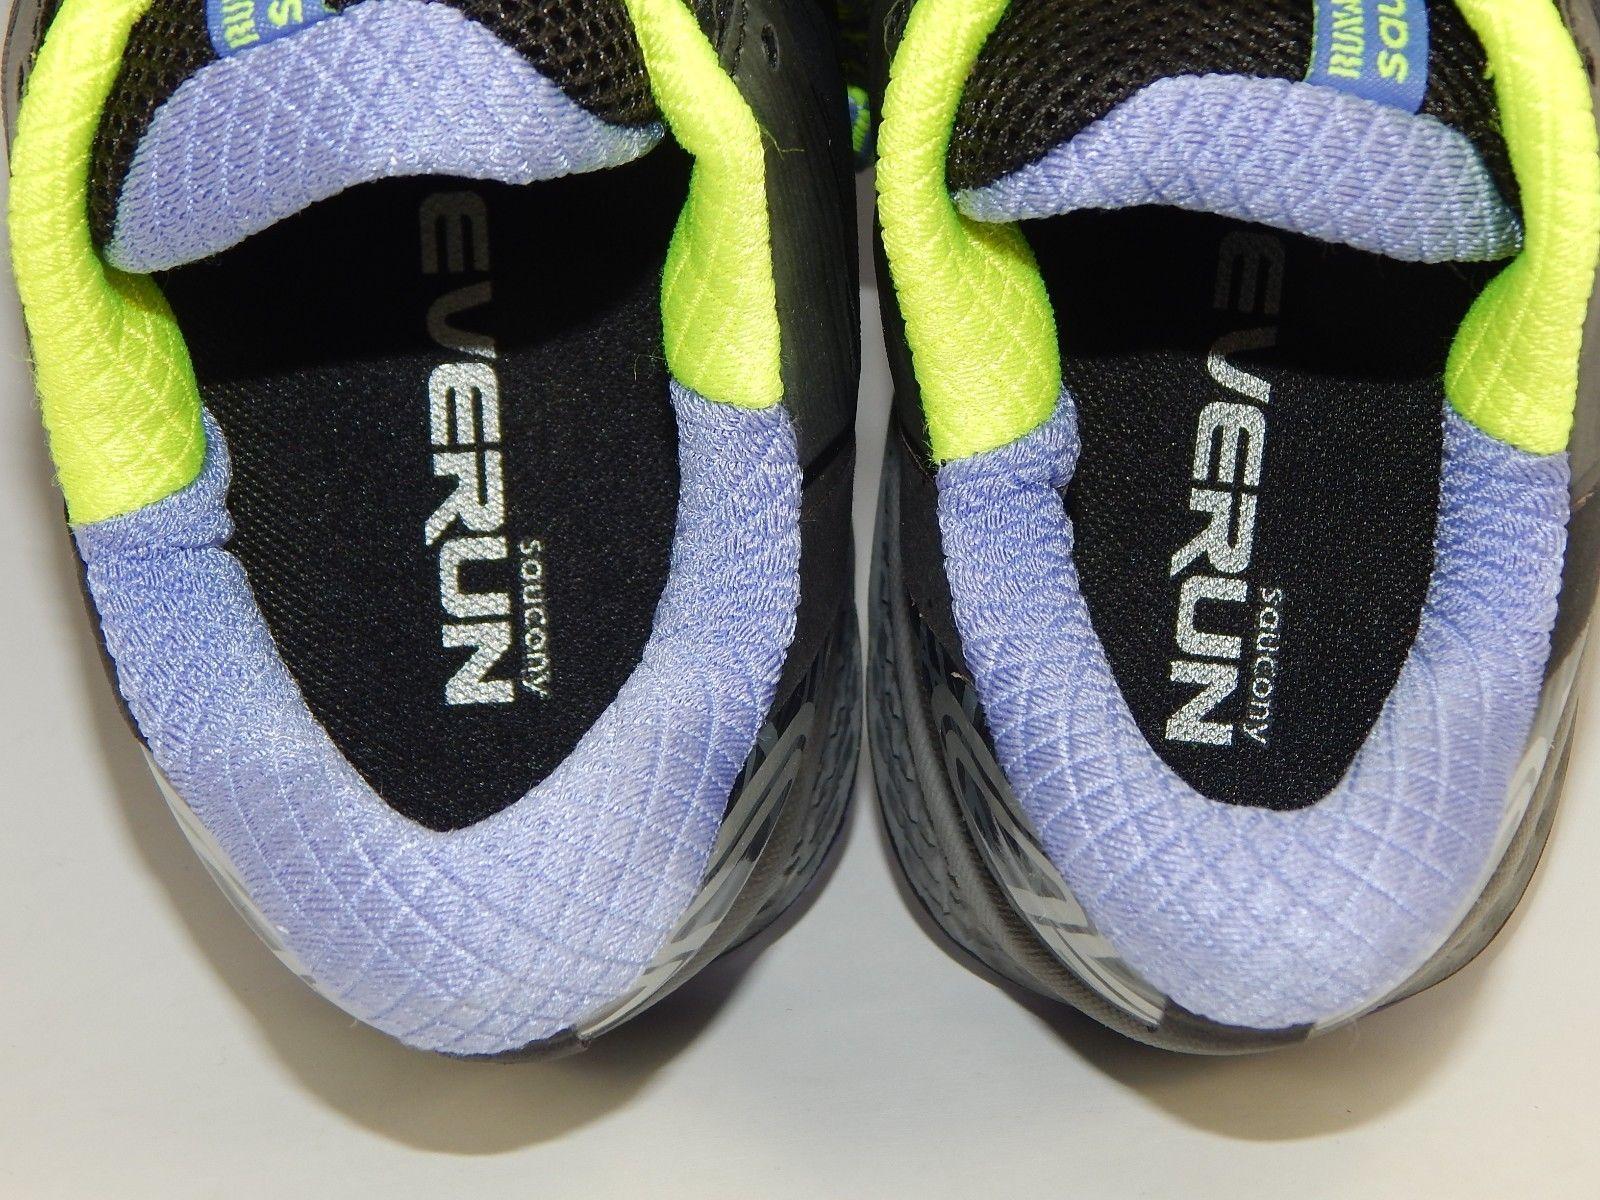 MISMATCH Saucony Koa ST Women's Trail Shoes Size 10 M (B) Left & 9 M (B) Right